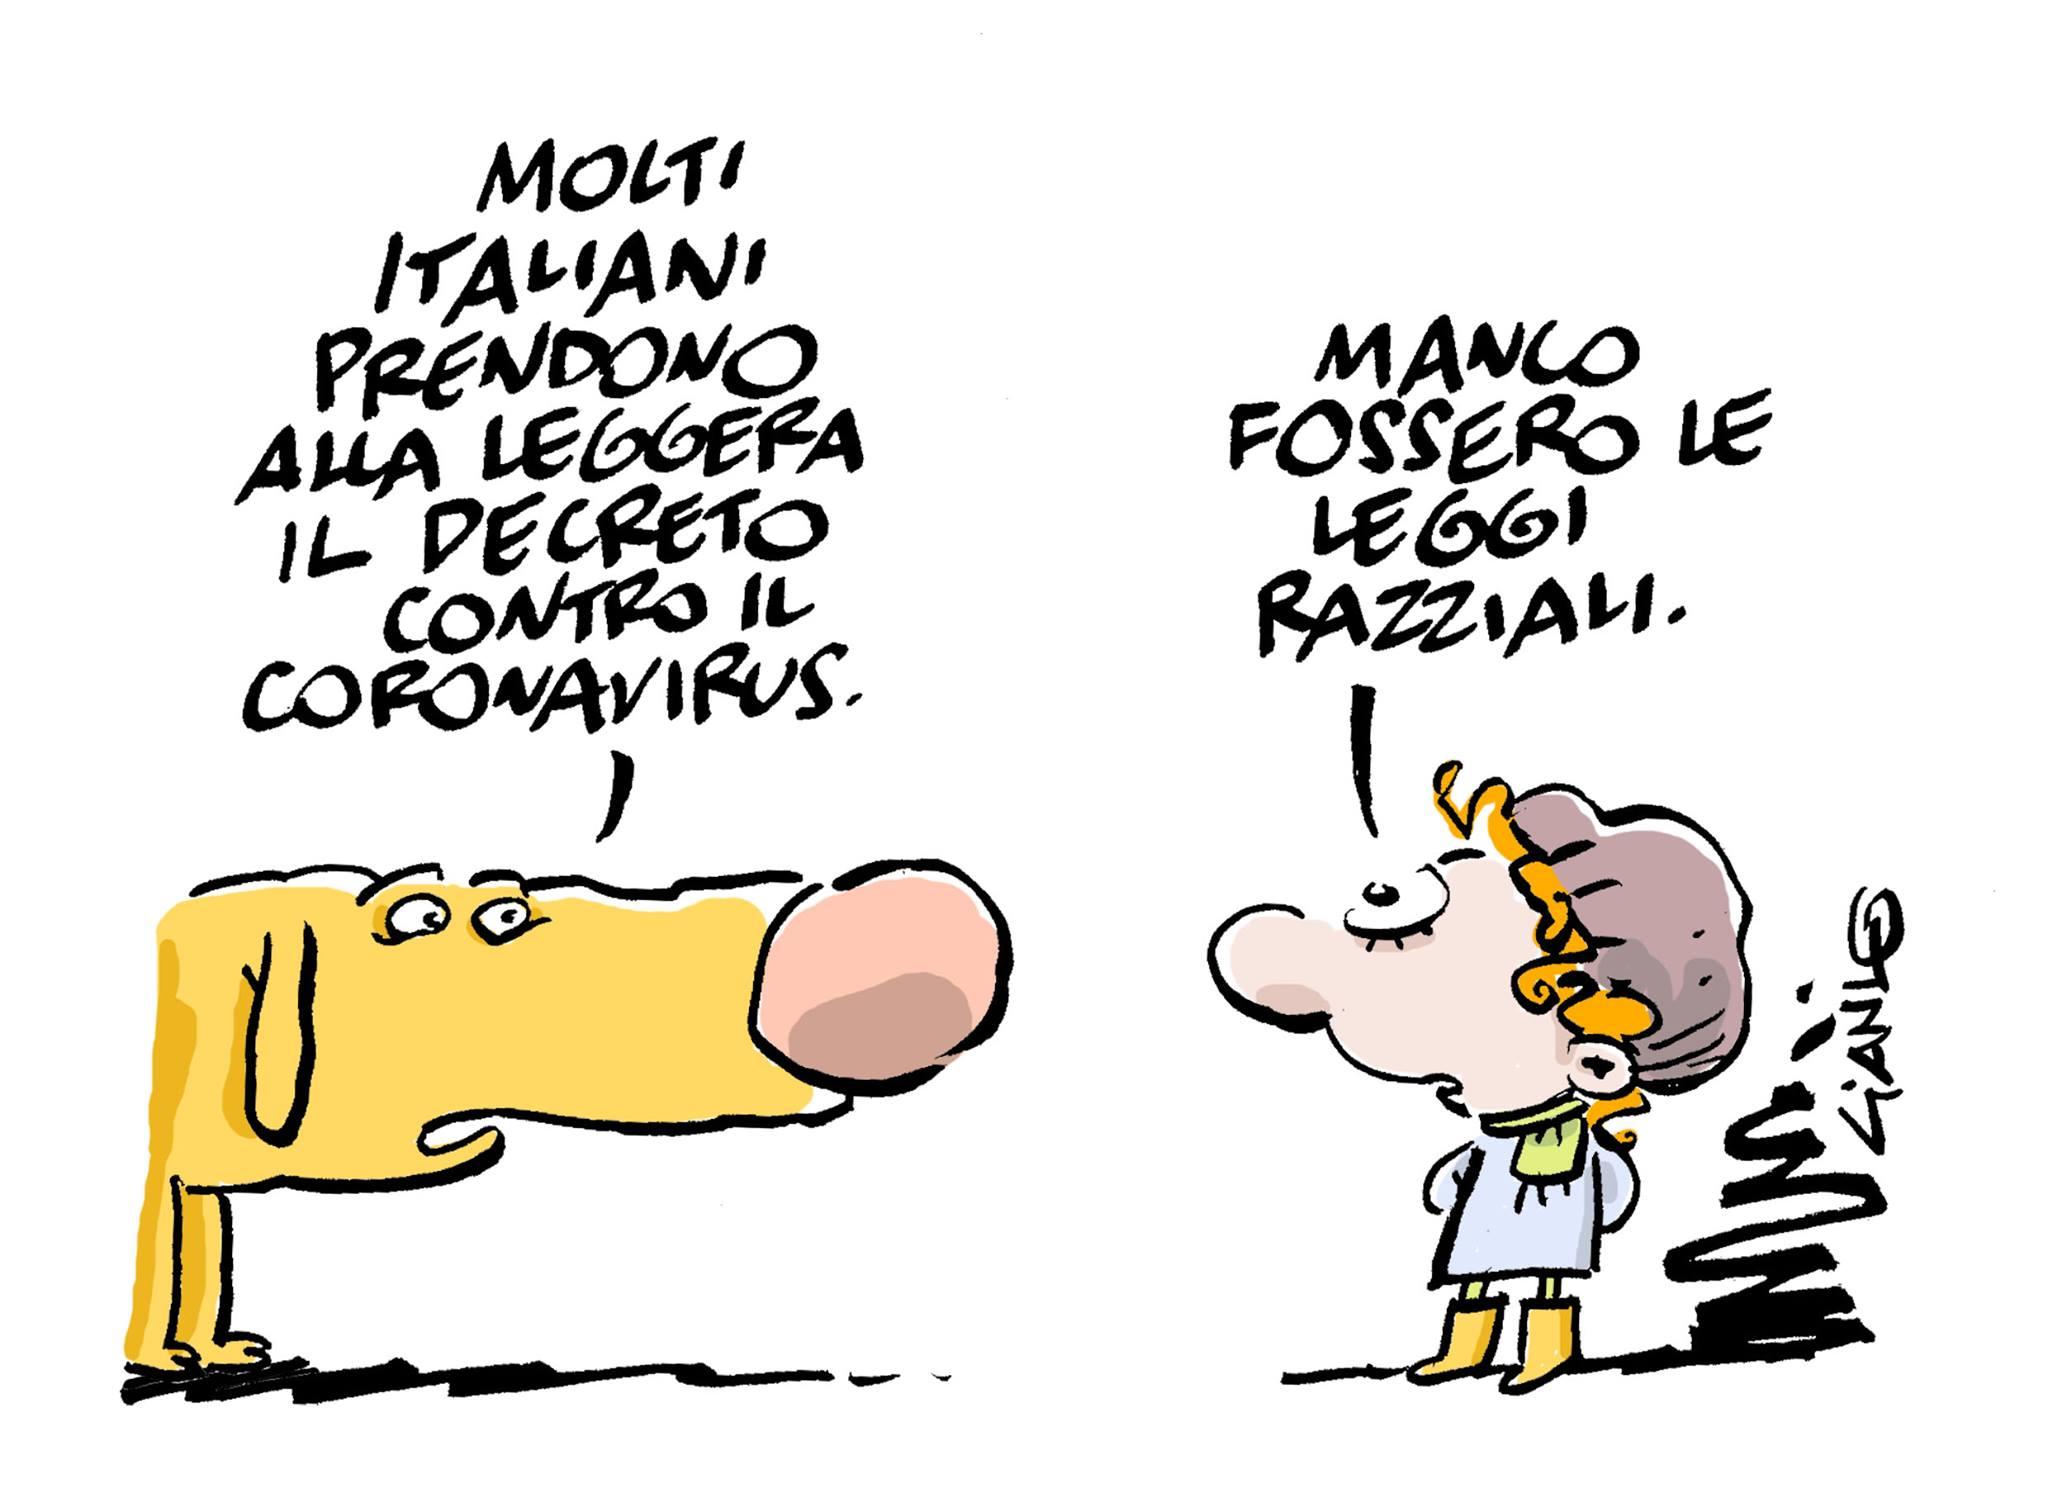 Gianlorenzo Ingrami